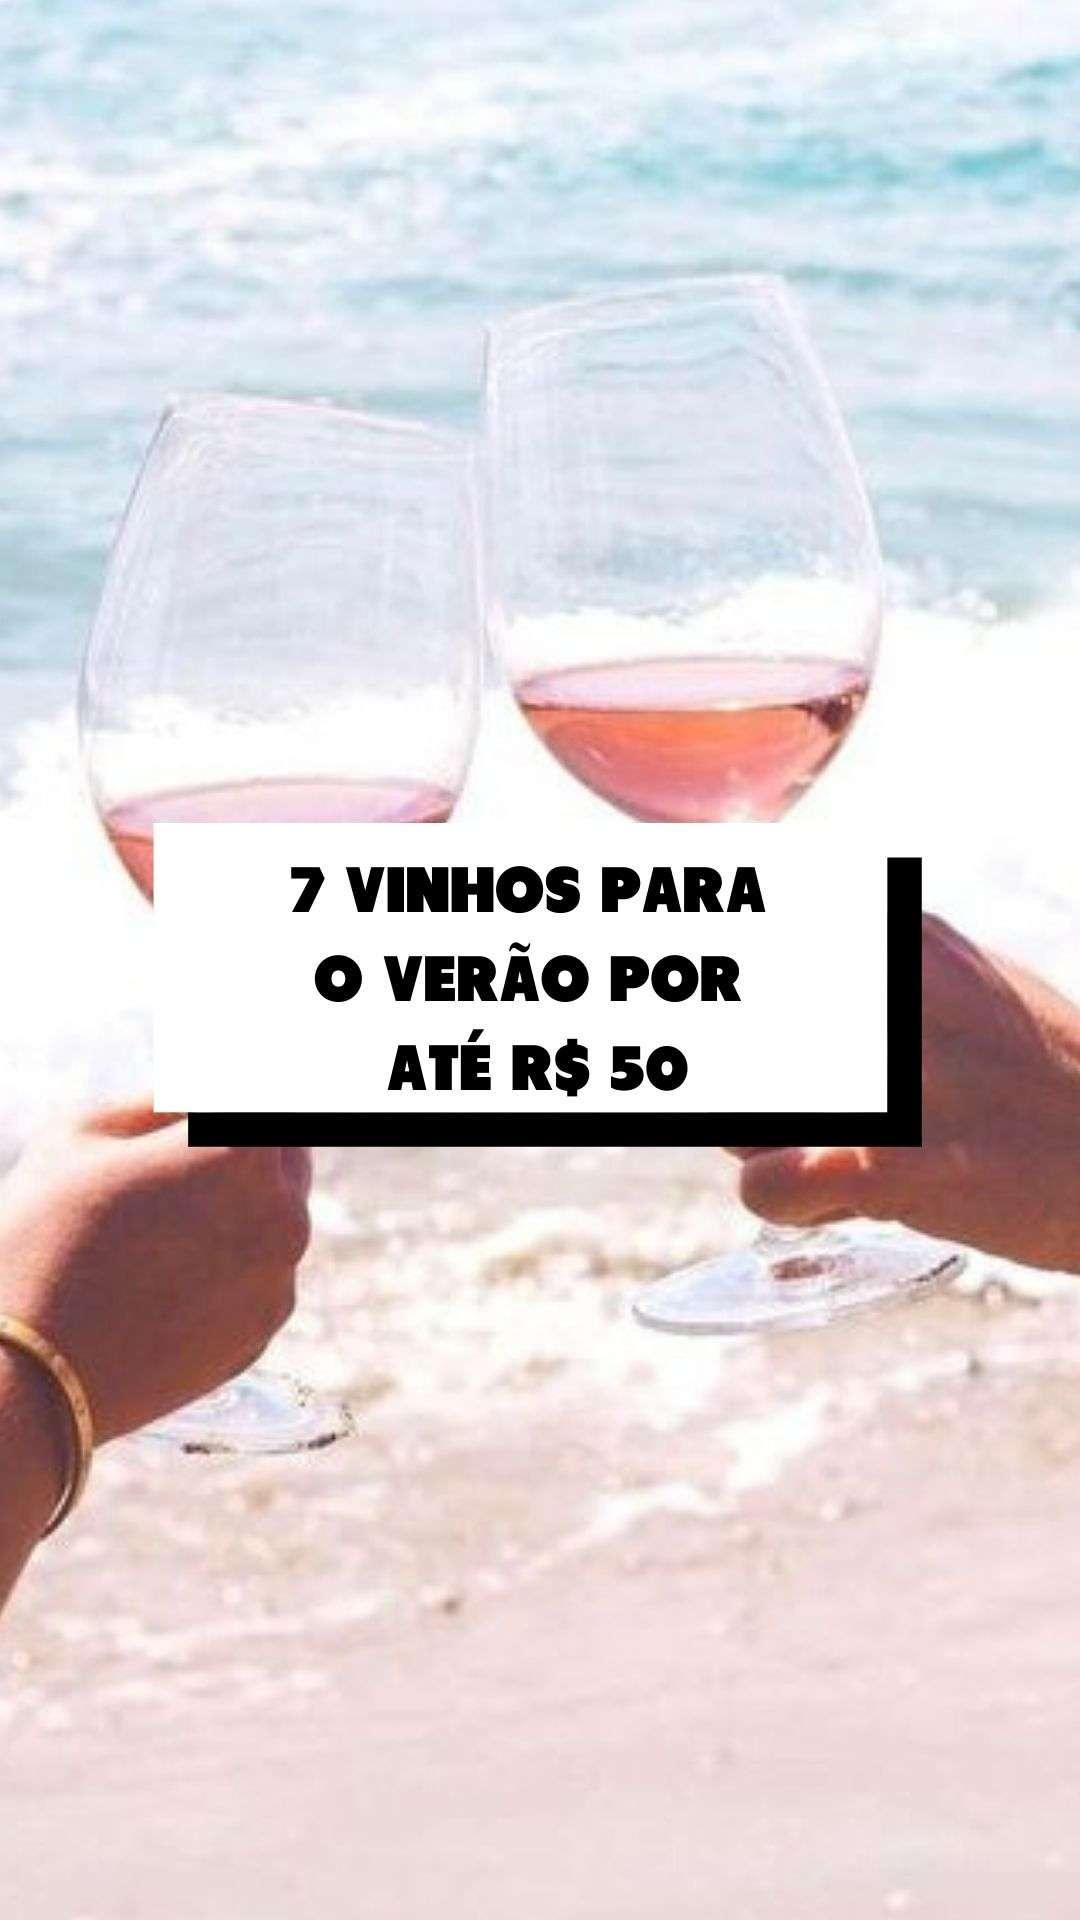 7 vinhos para o VERÃO por ATÉ R$ 50